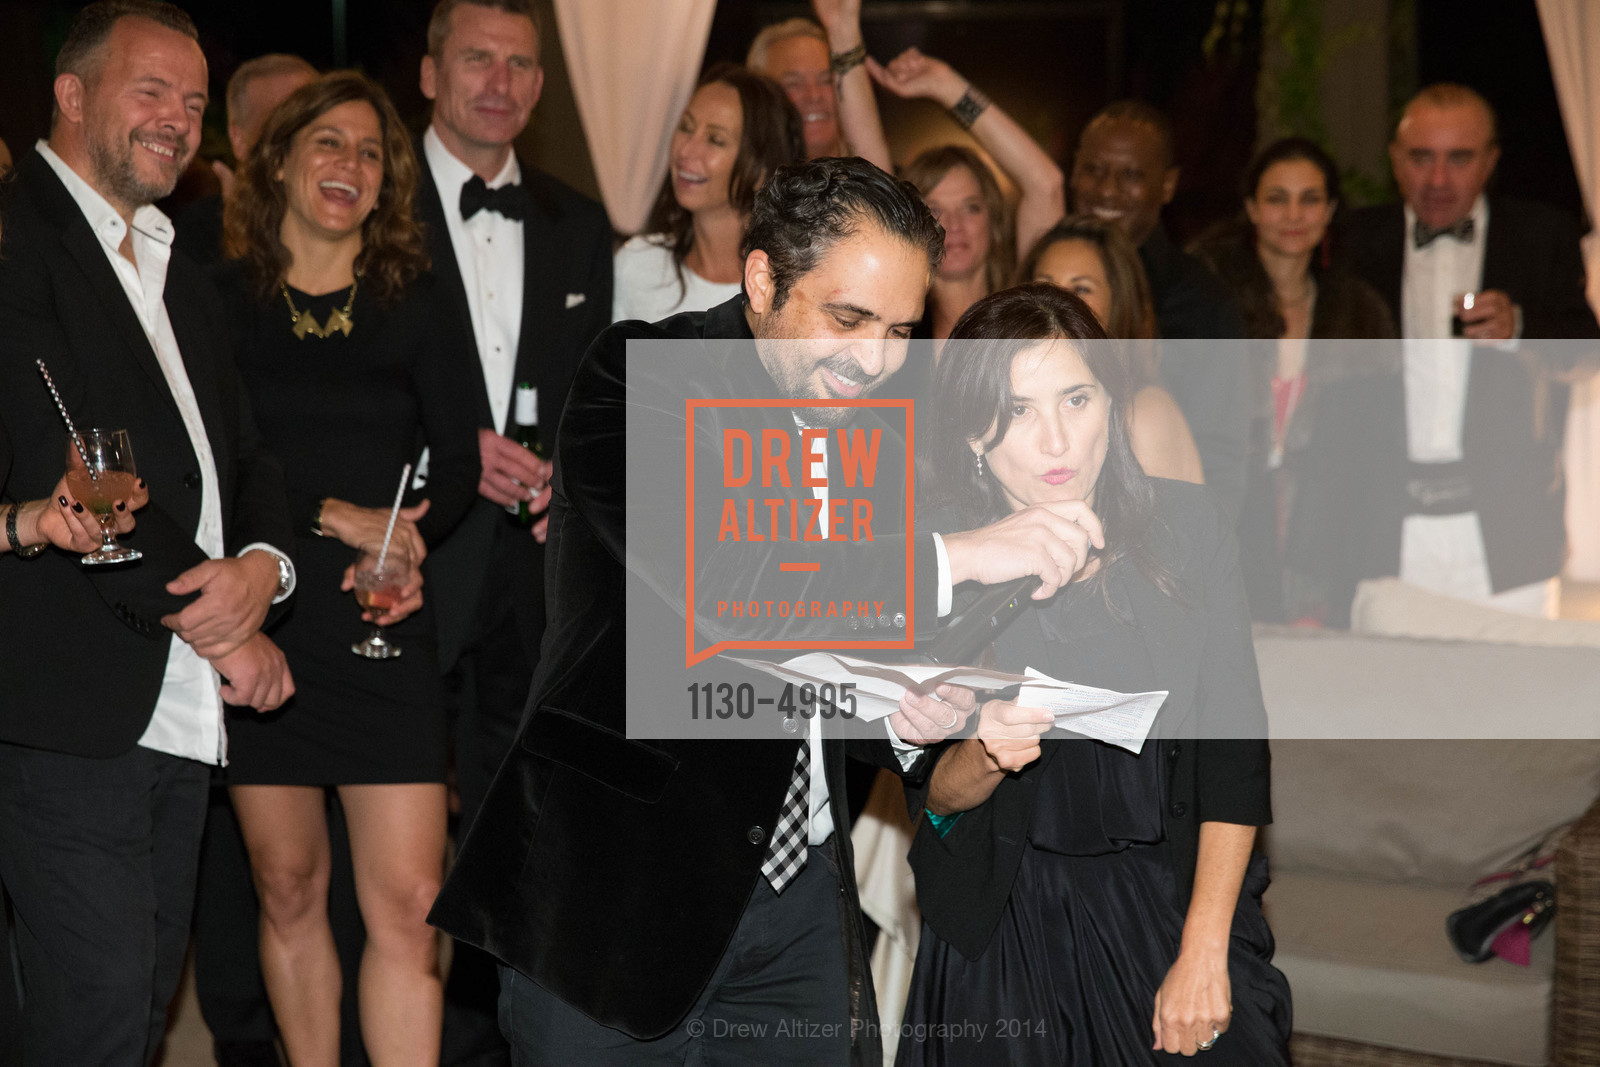 James Joaquin, Zem Joaquin, Photo #1130-4995